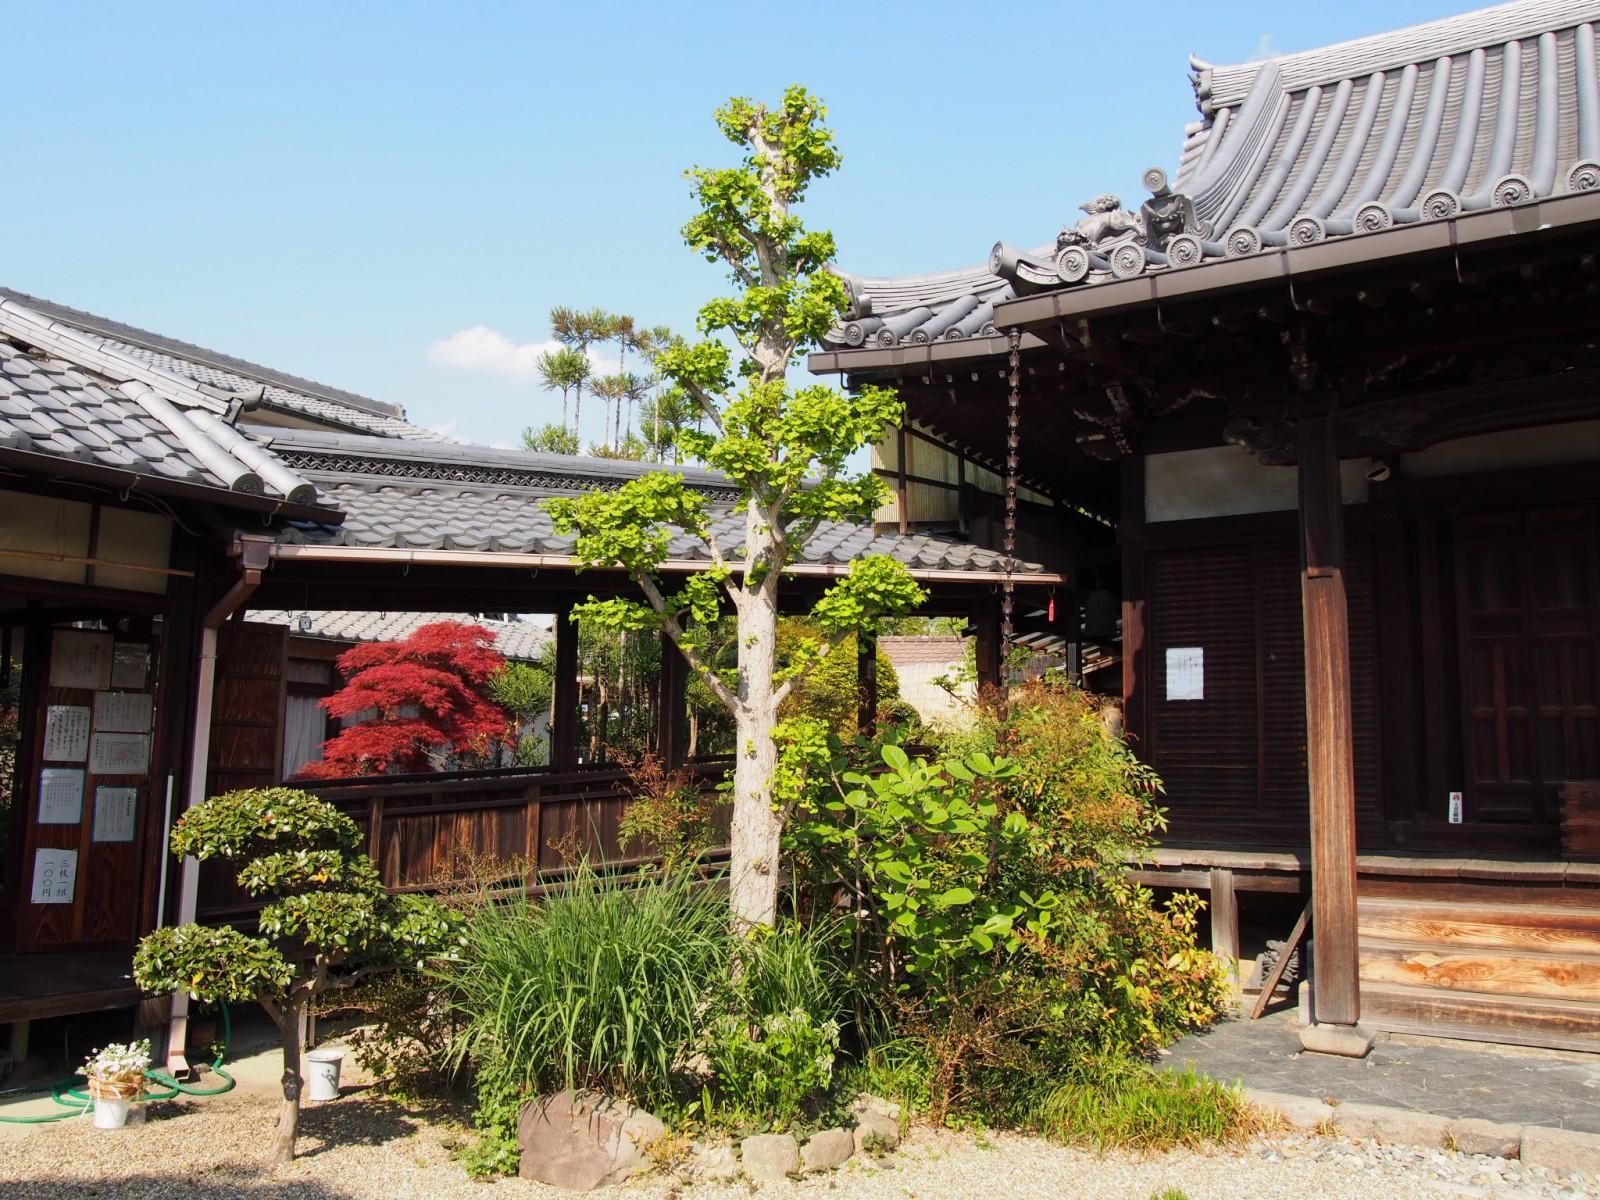 璉珹寺(れんじょうじ)本堂周辺